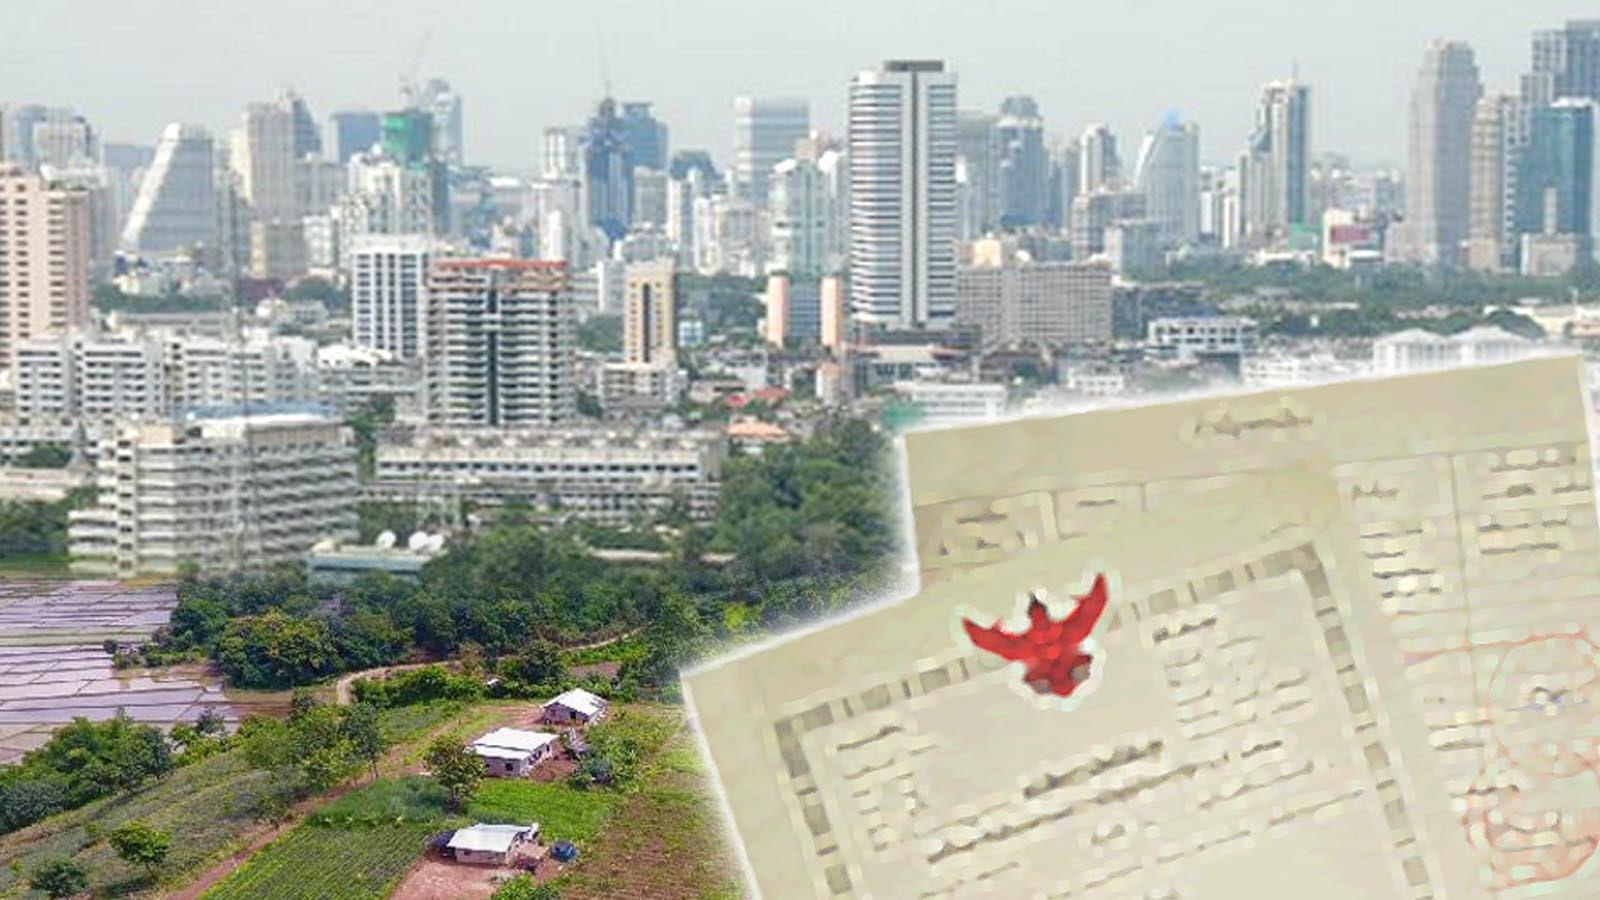 กฎหมายธุรกิจ : ภาษีที่ดิน 2563 บริษัทอสังหาฯ รับศึกหนัก